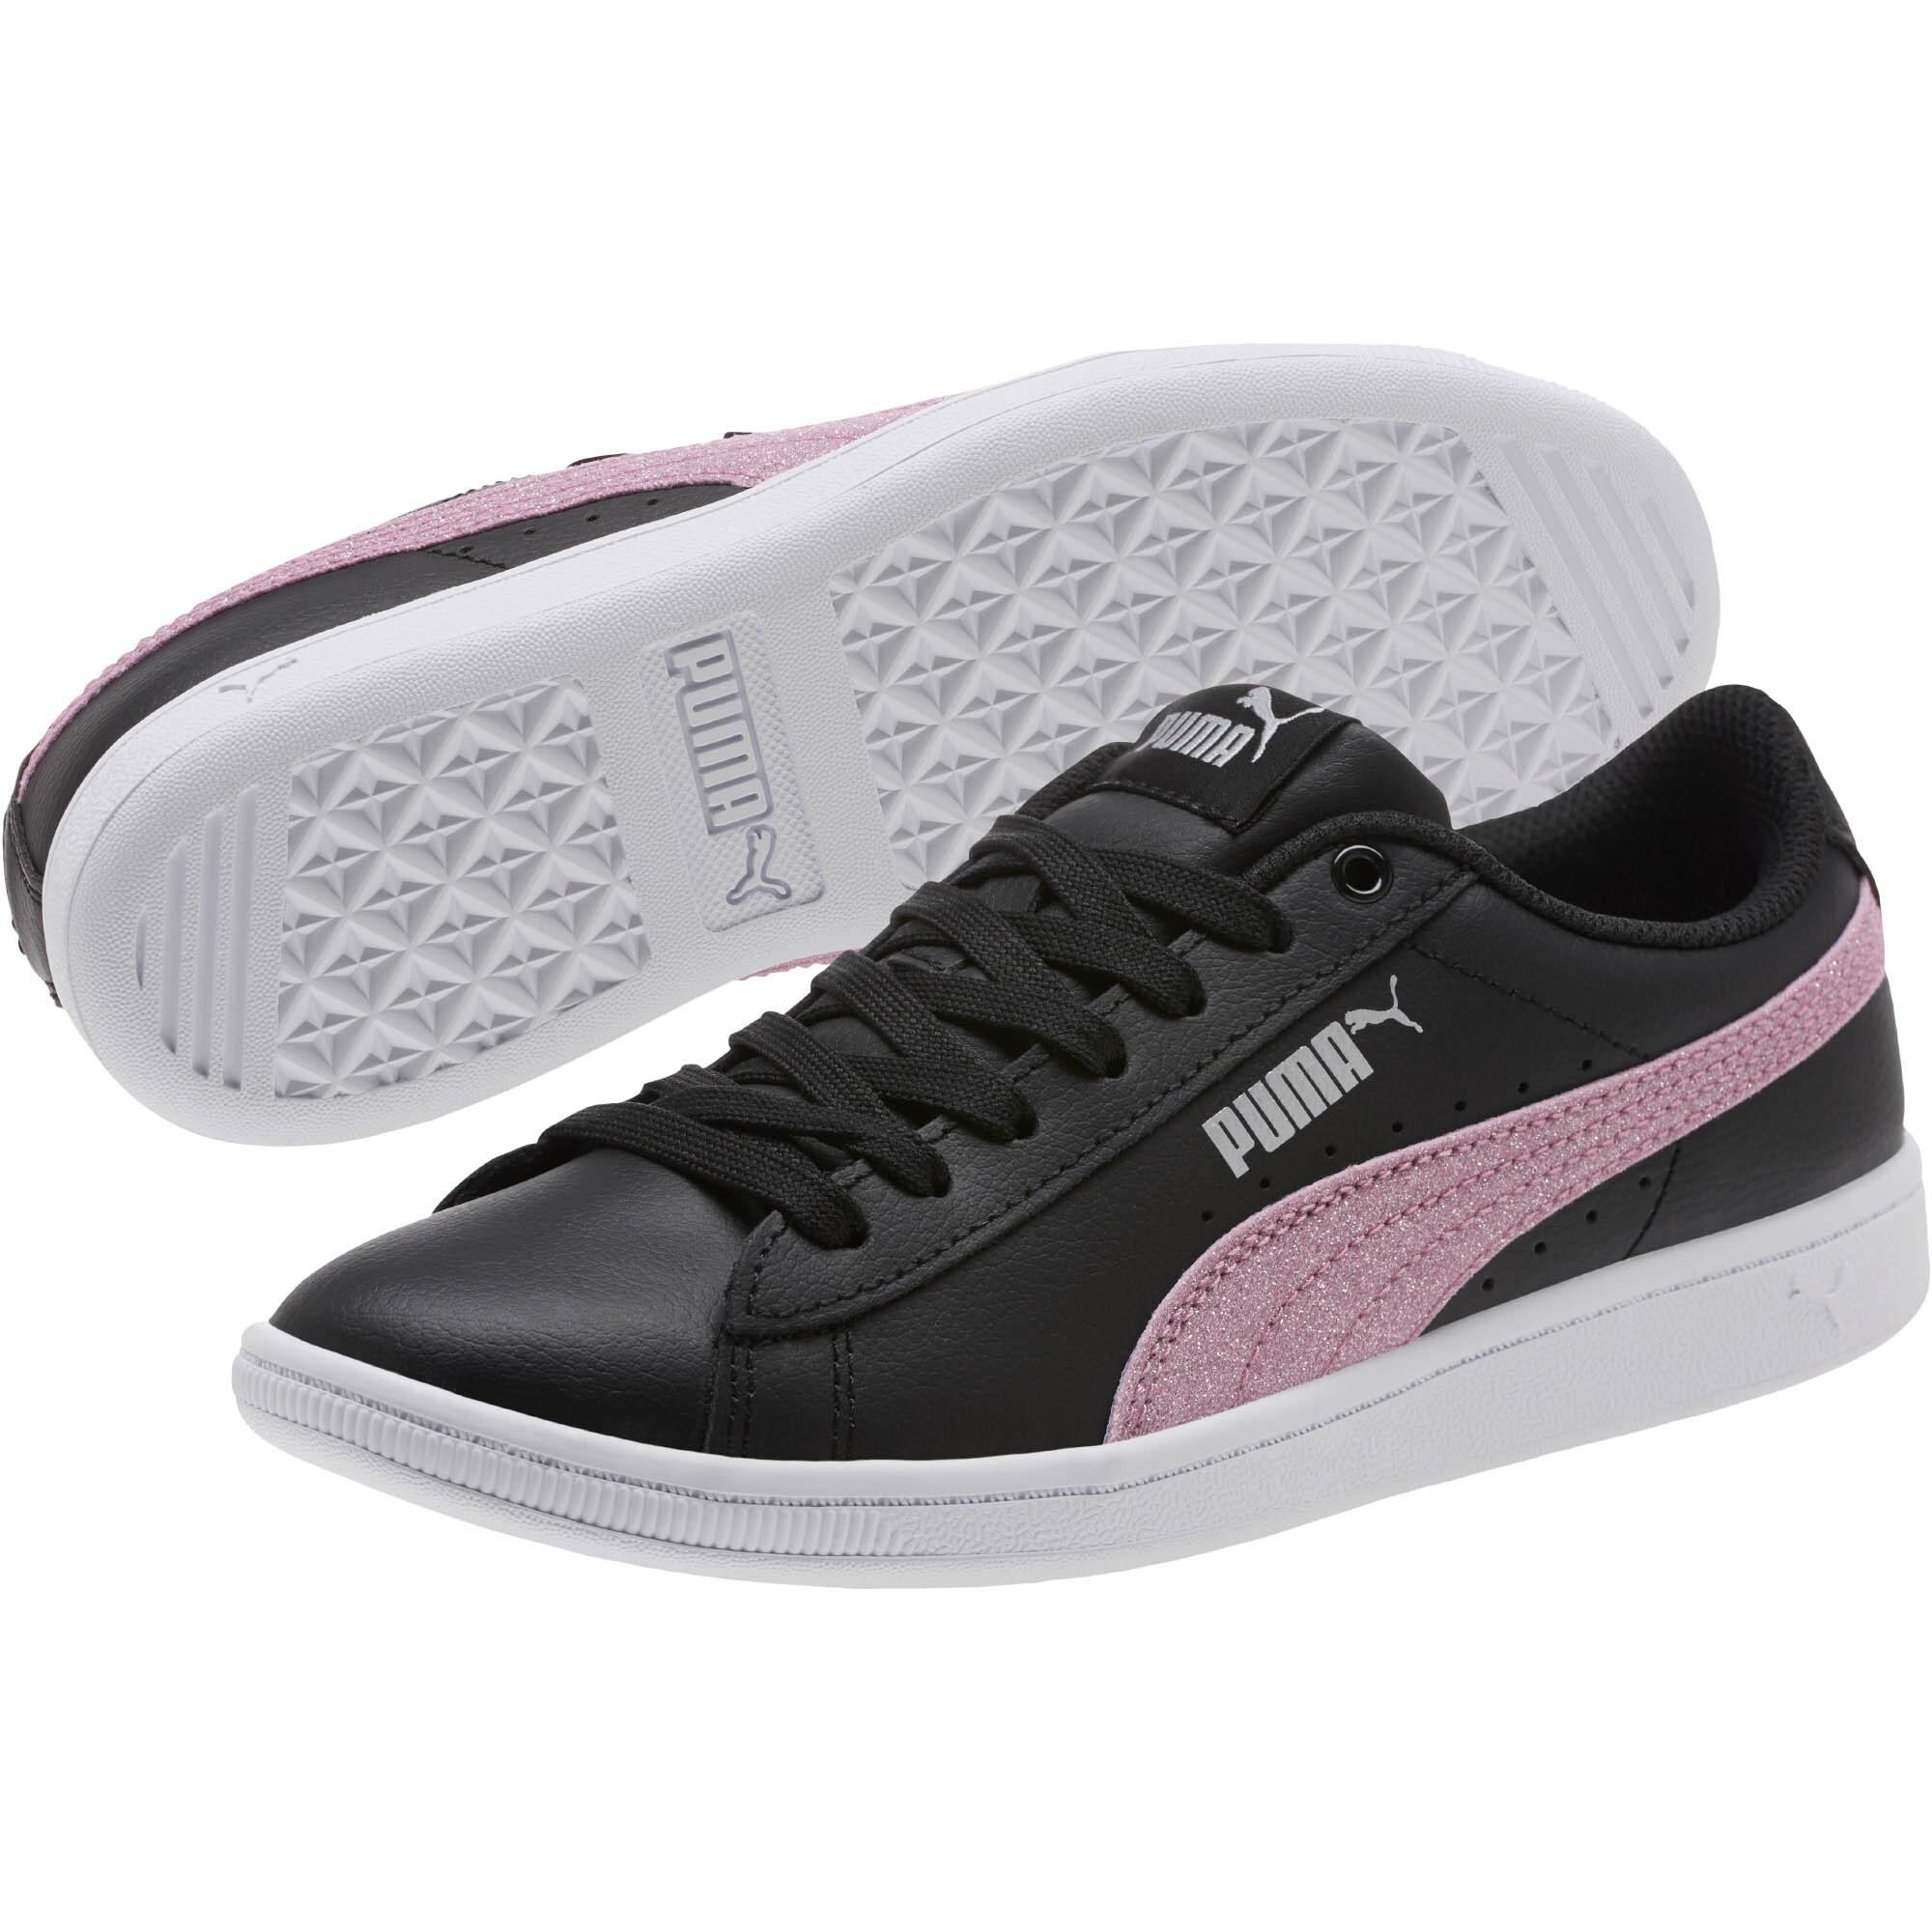 f76015c9f PUMA Puma Vikky Glitz FS JR Sneakers Girls Shoe Kids | eBay